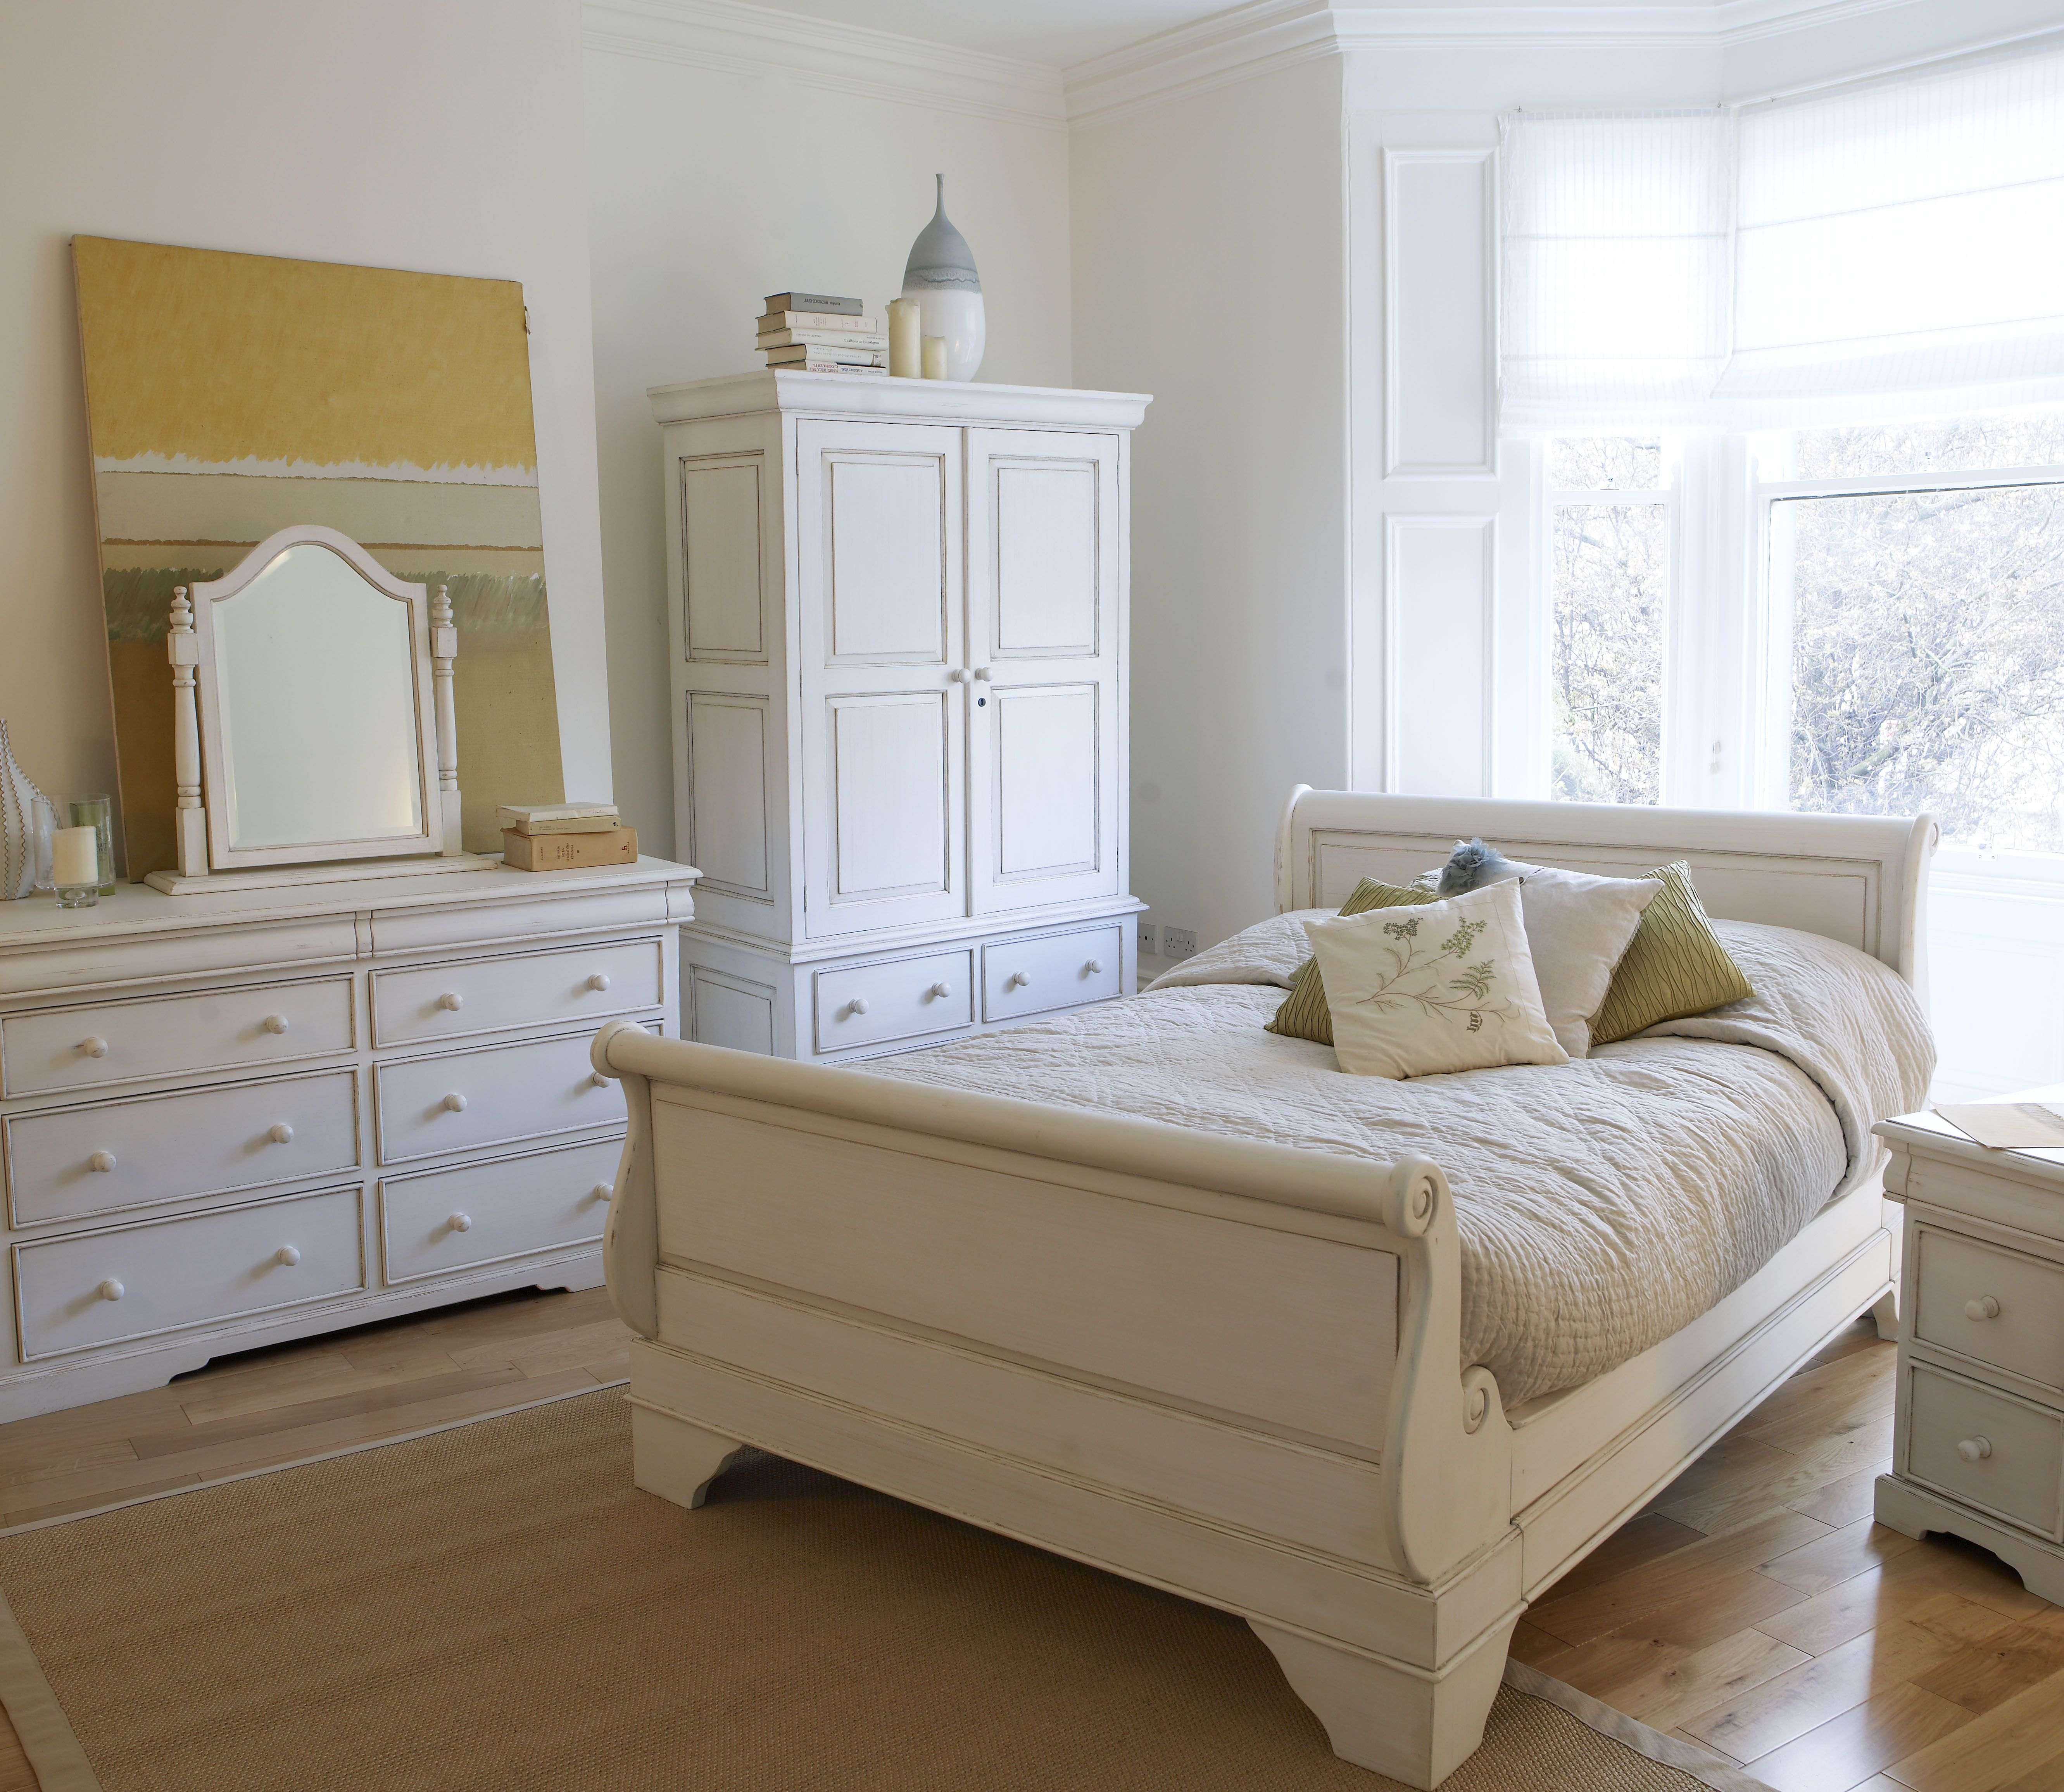 Claudette Bedframe Barker Stonehouse With Images Bed Frame